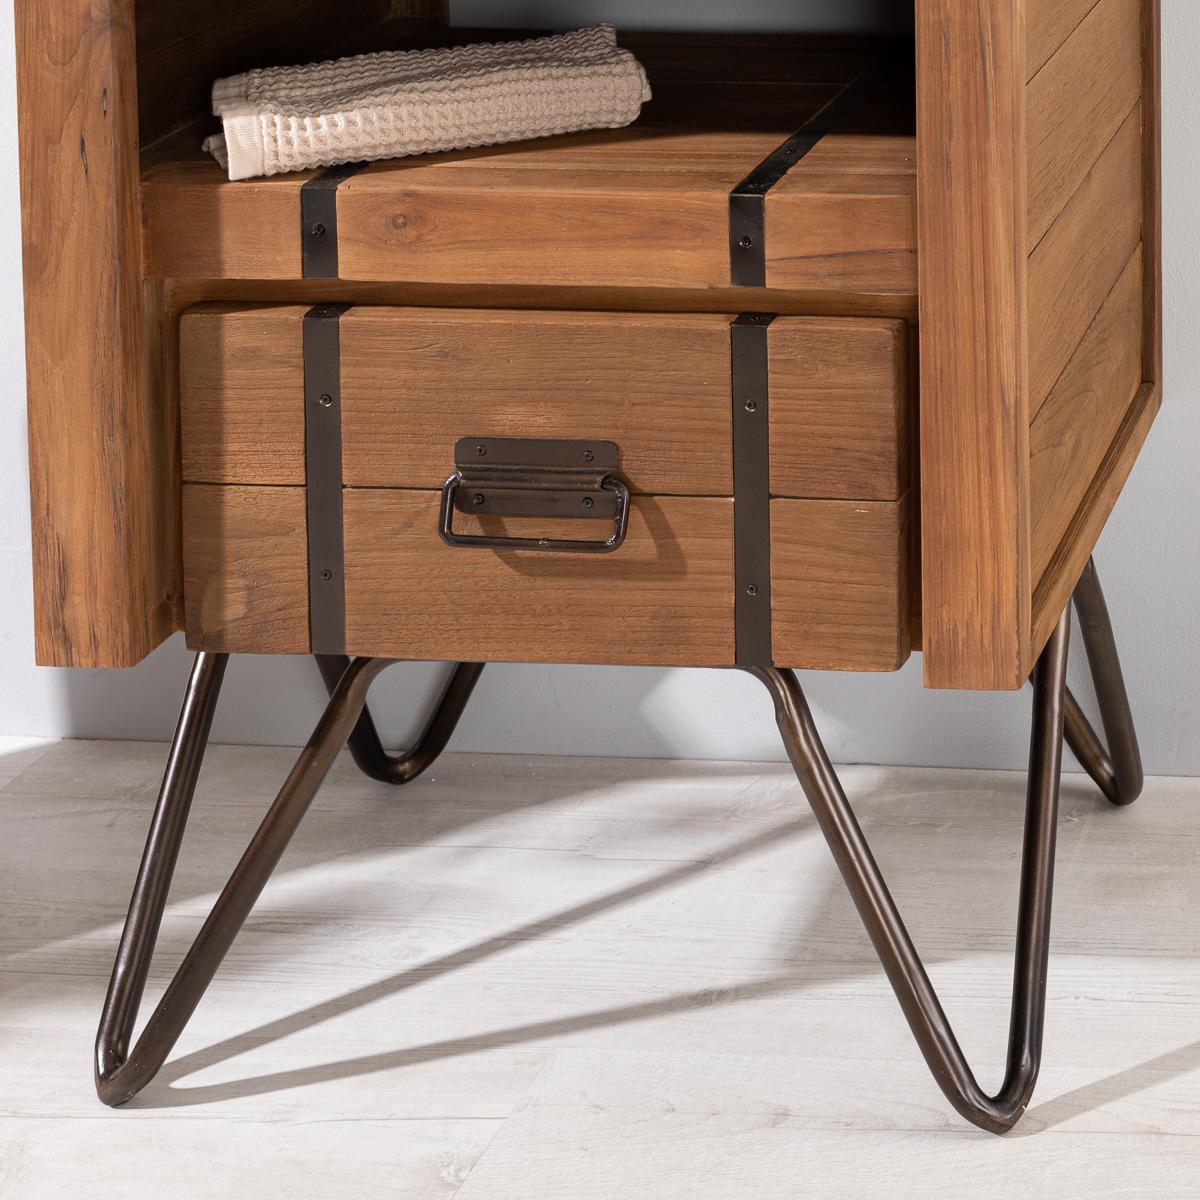 Meuble de salle de bain en mindi naturel et m tal 60 loft - Meuble salle de bain nature ...